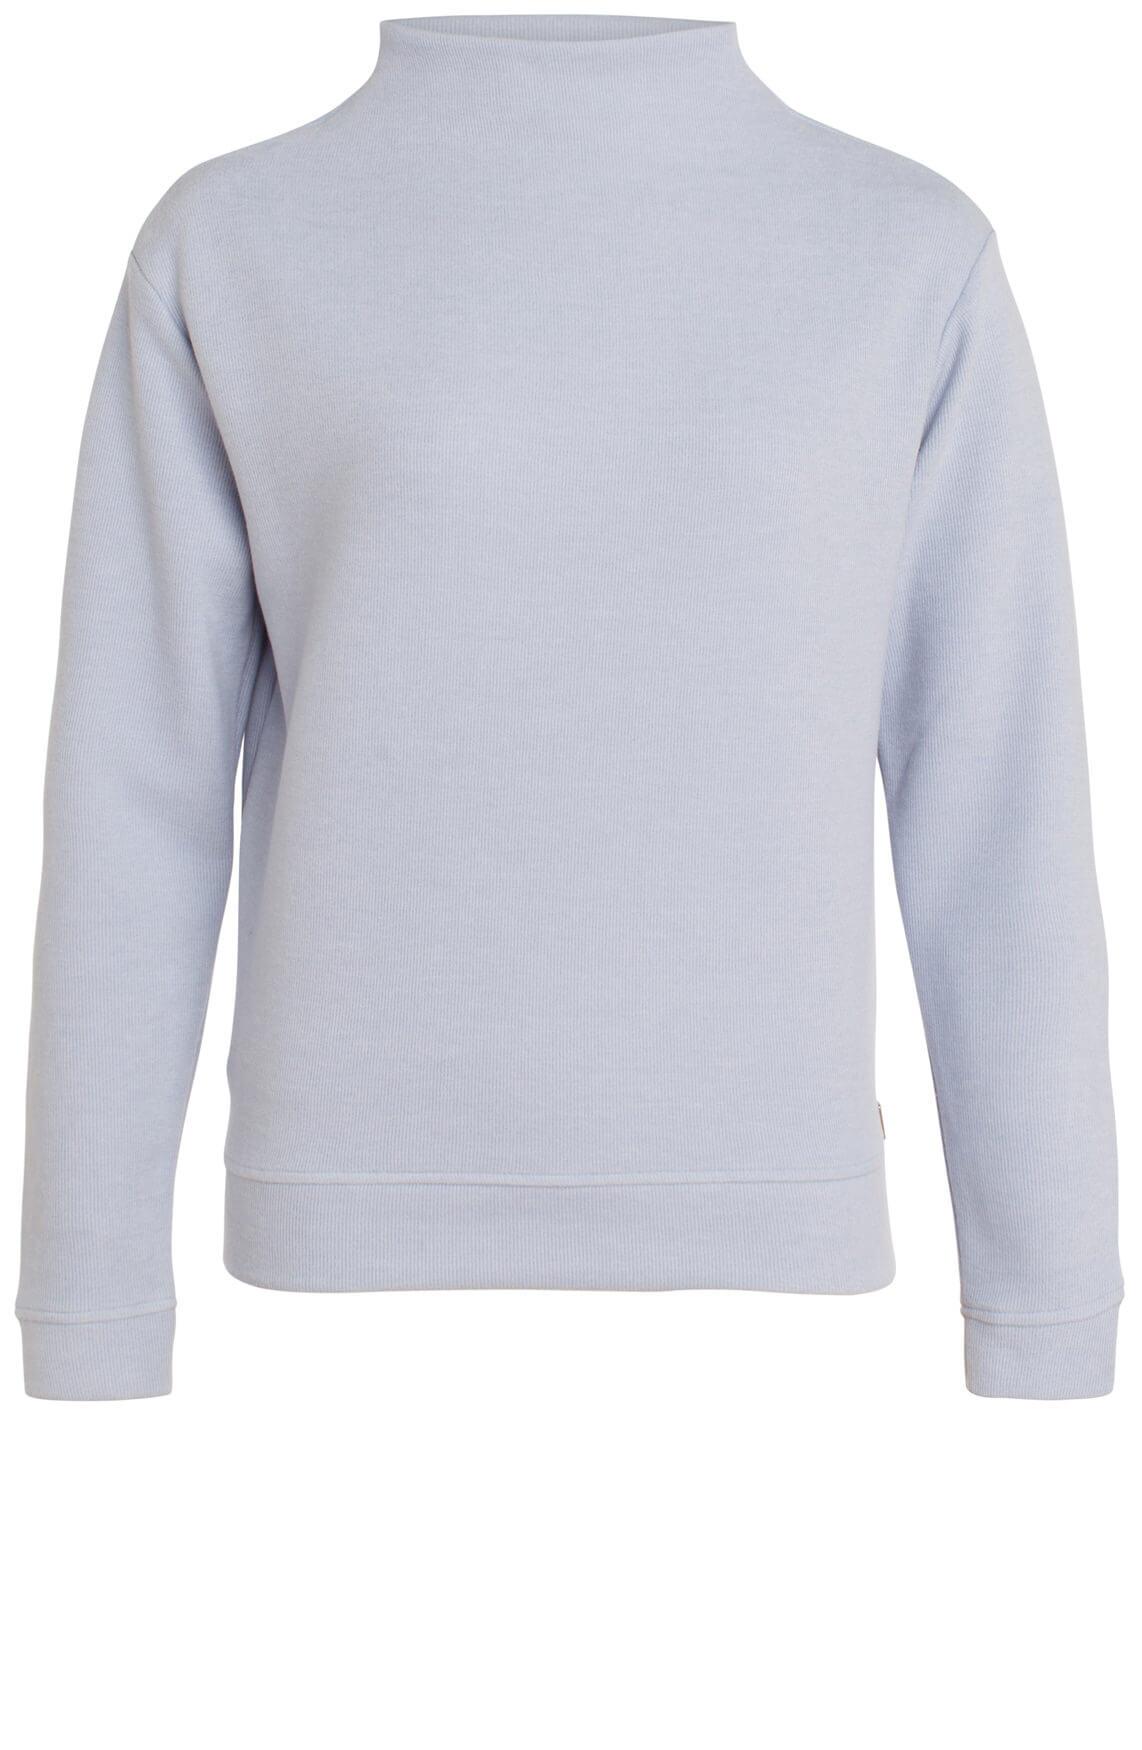 Anna Dames Sweater met hoge hals Blauw